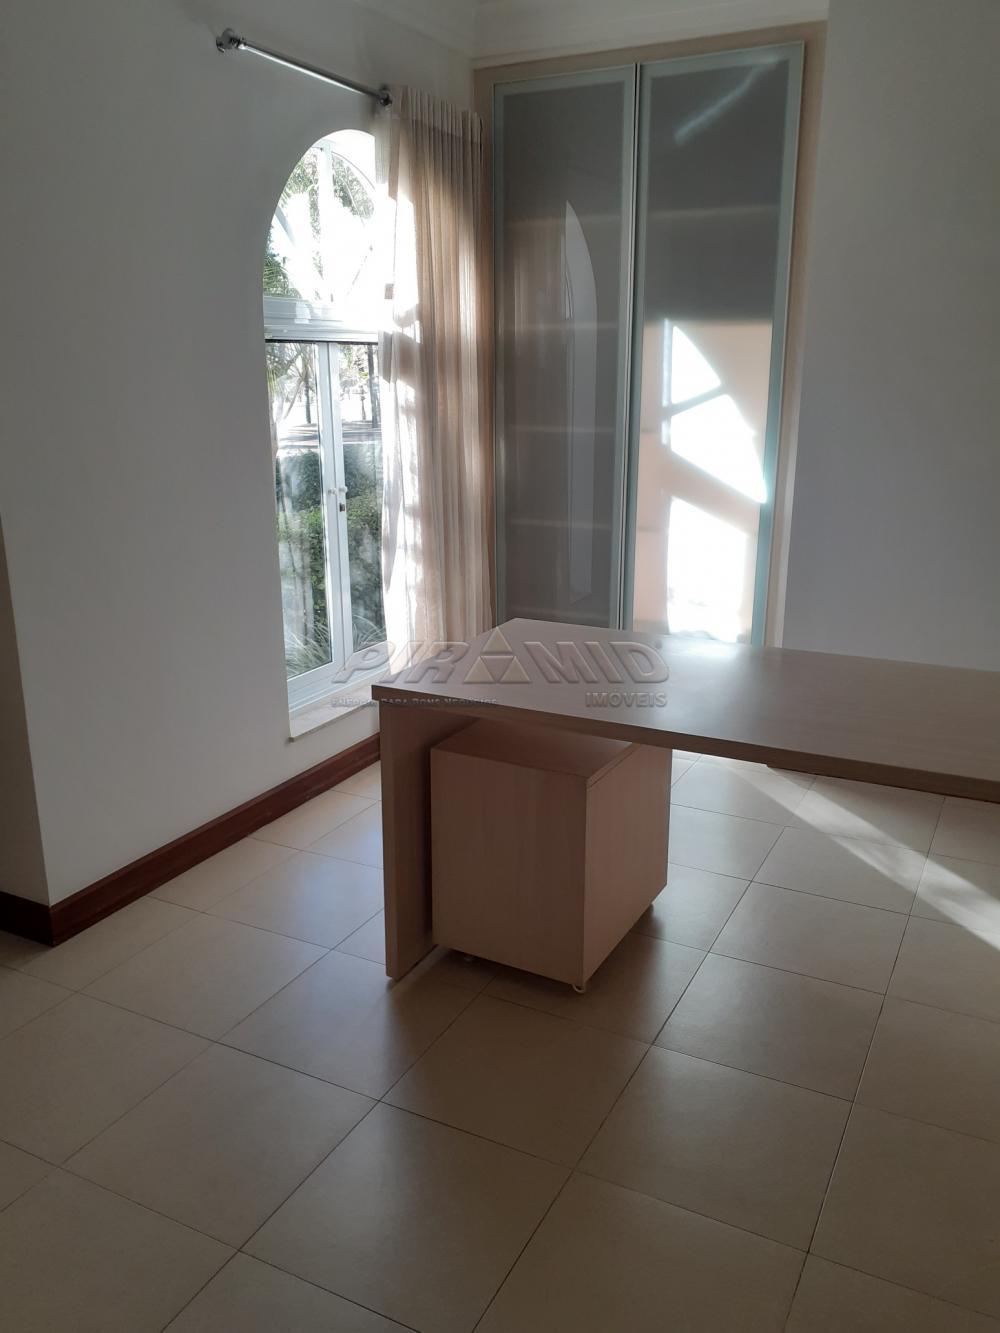 Comprar Casa / Condomínio em Ribeirão Preto apenas R$ 4.800.000,00 - Foto 6